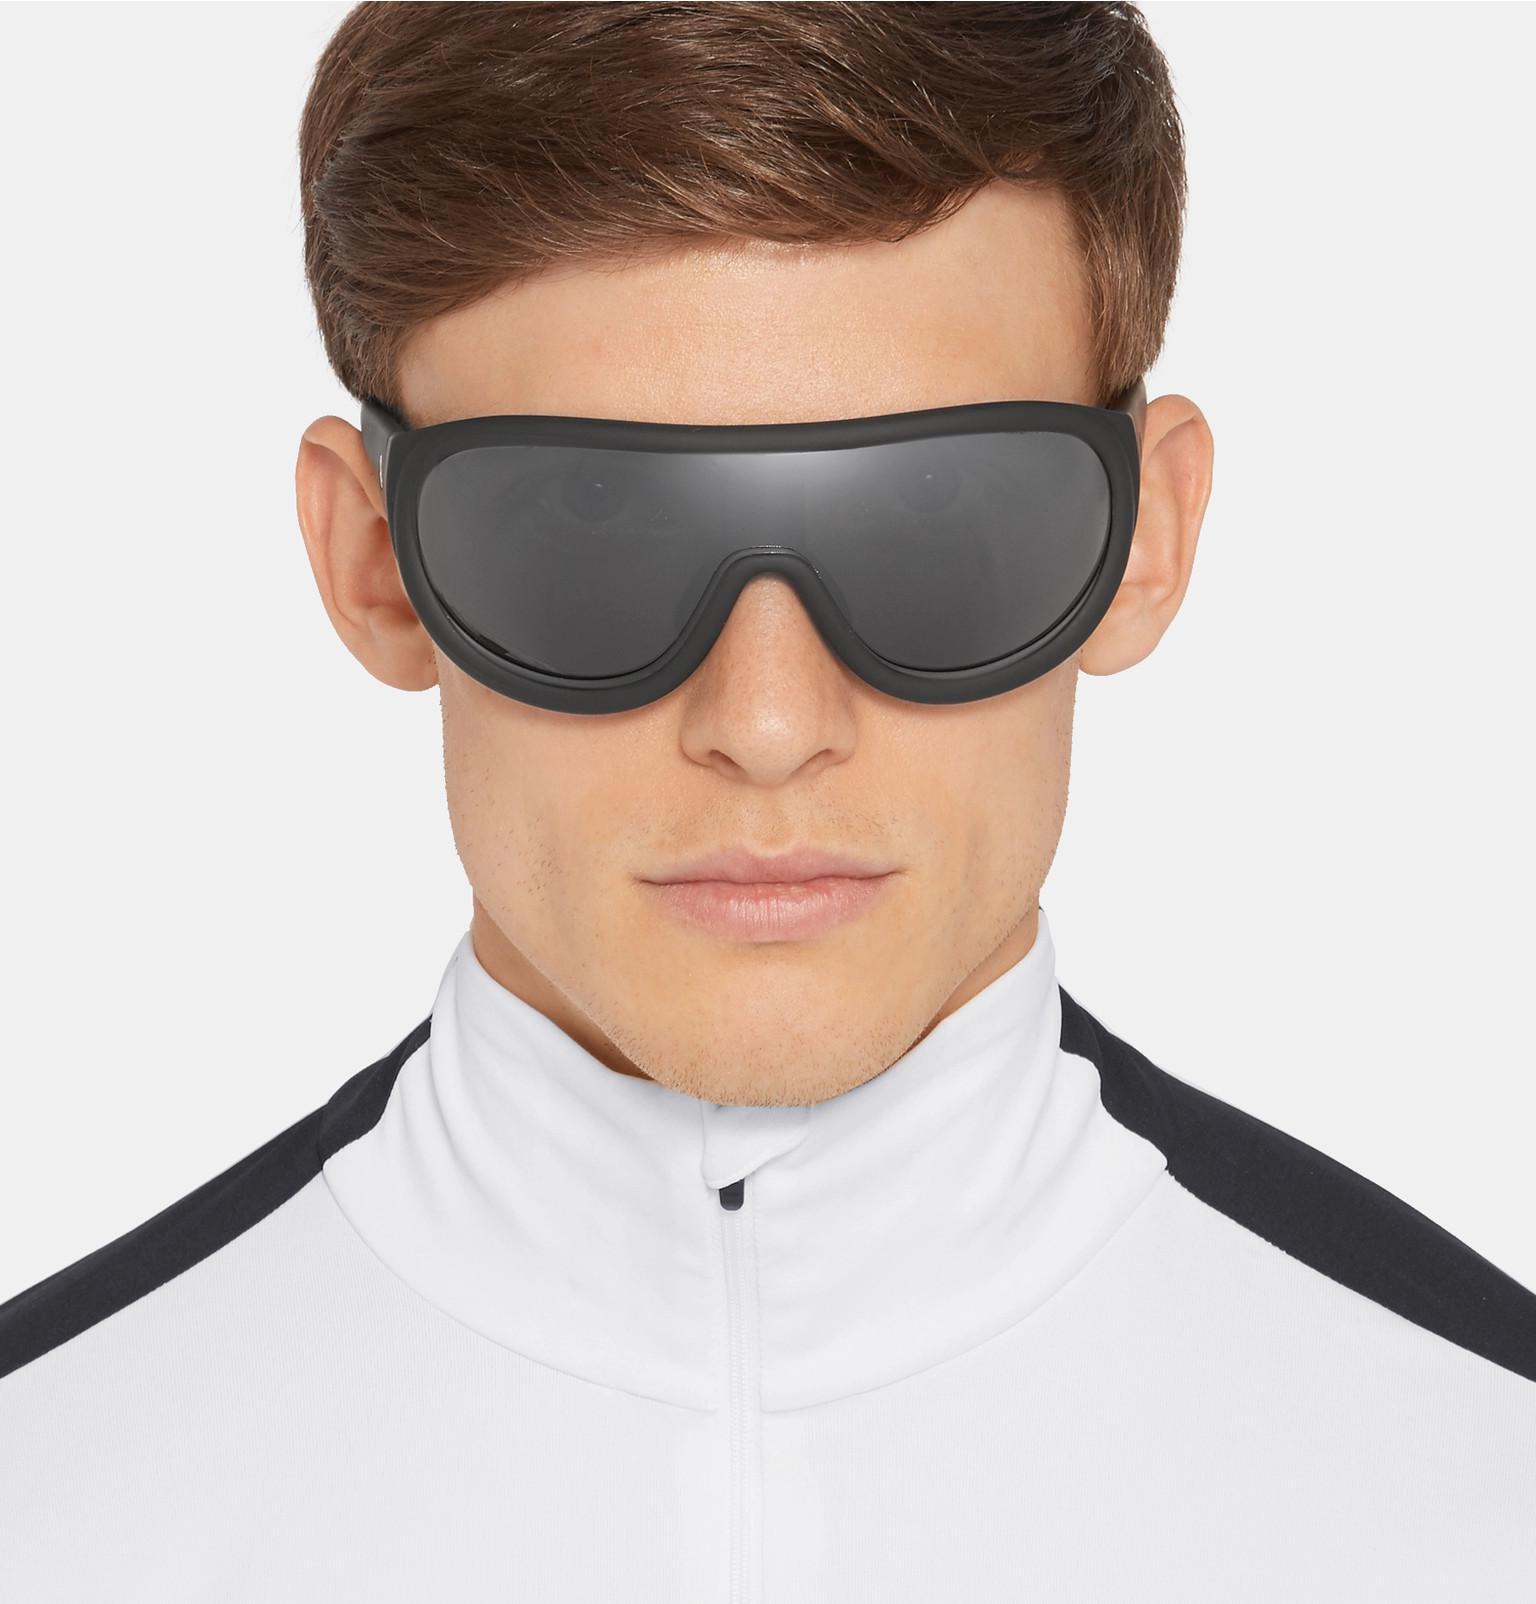 Moncler For Sunglasses In Men Ski Lyst Acetate Black rwOqnZvrS